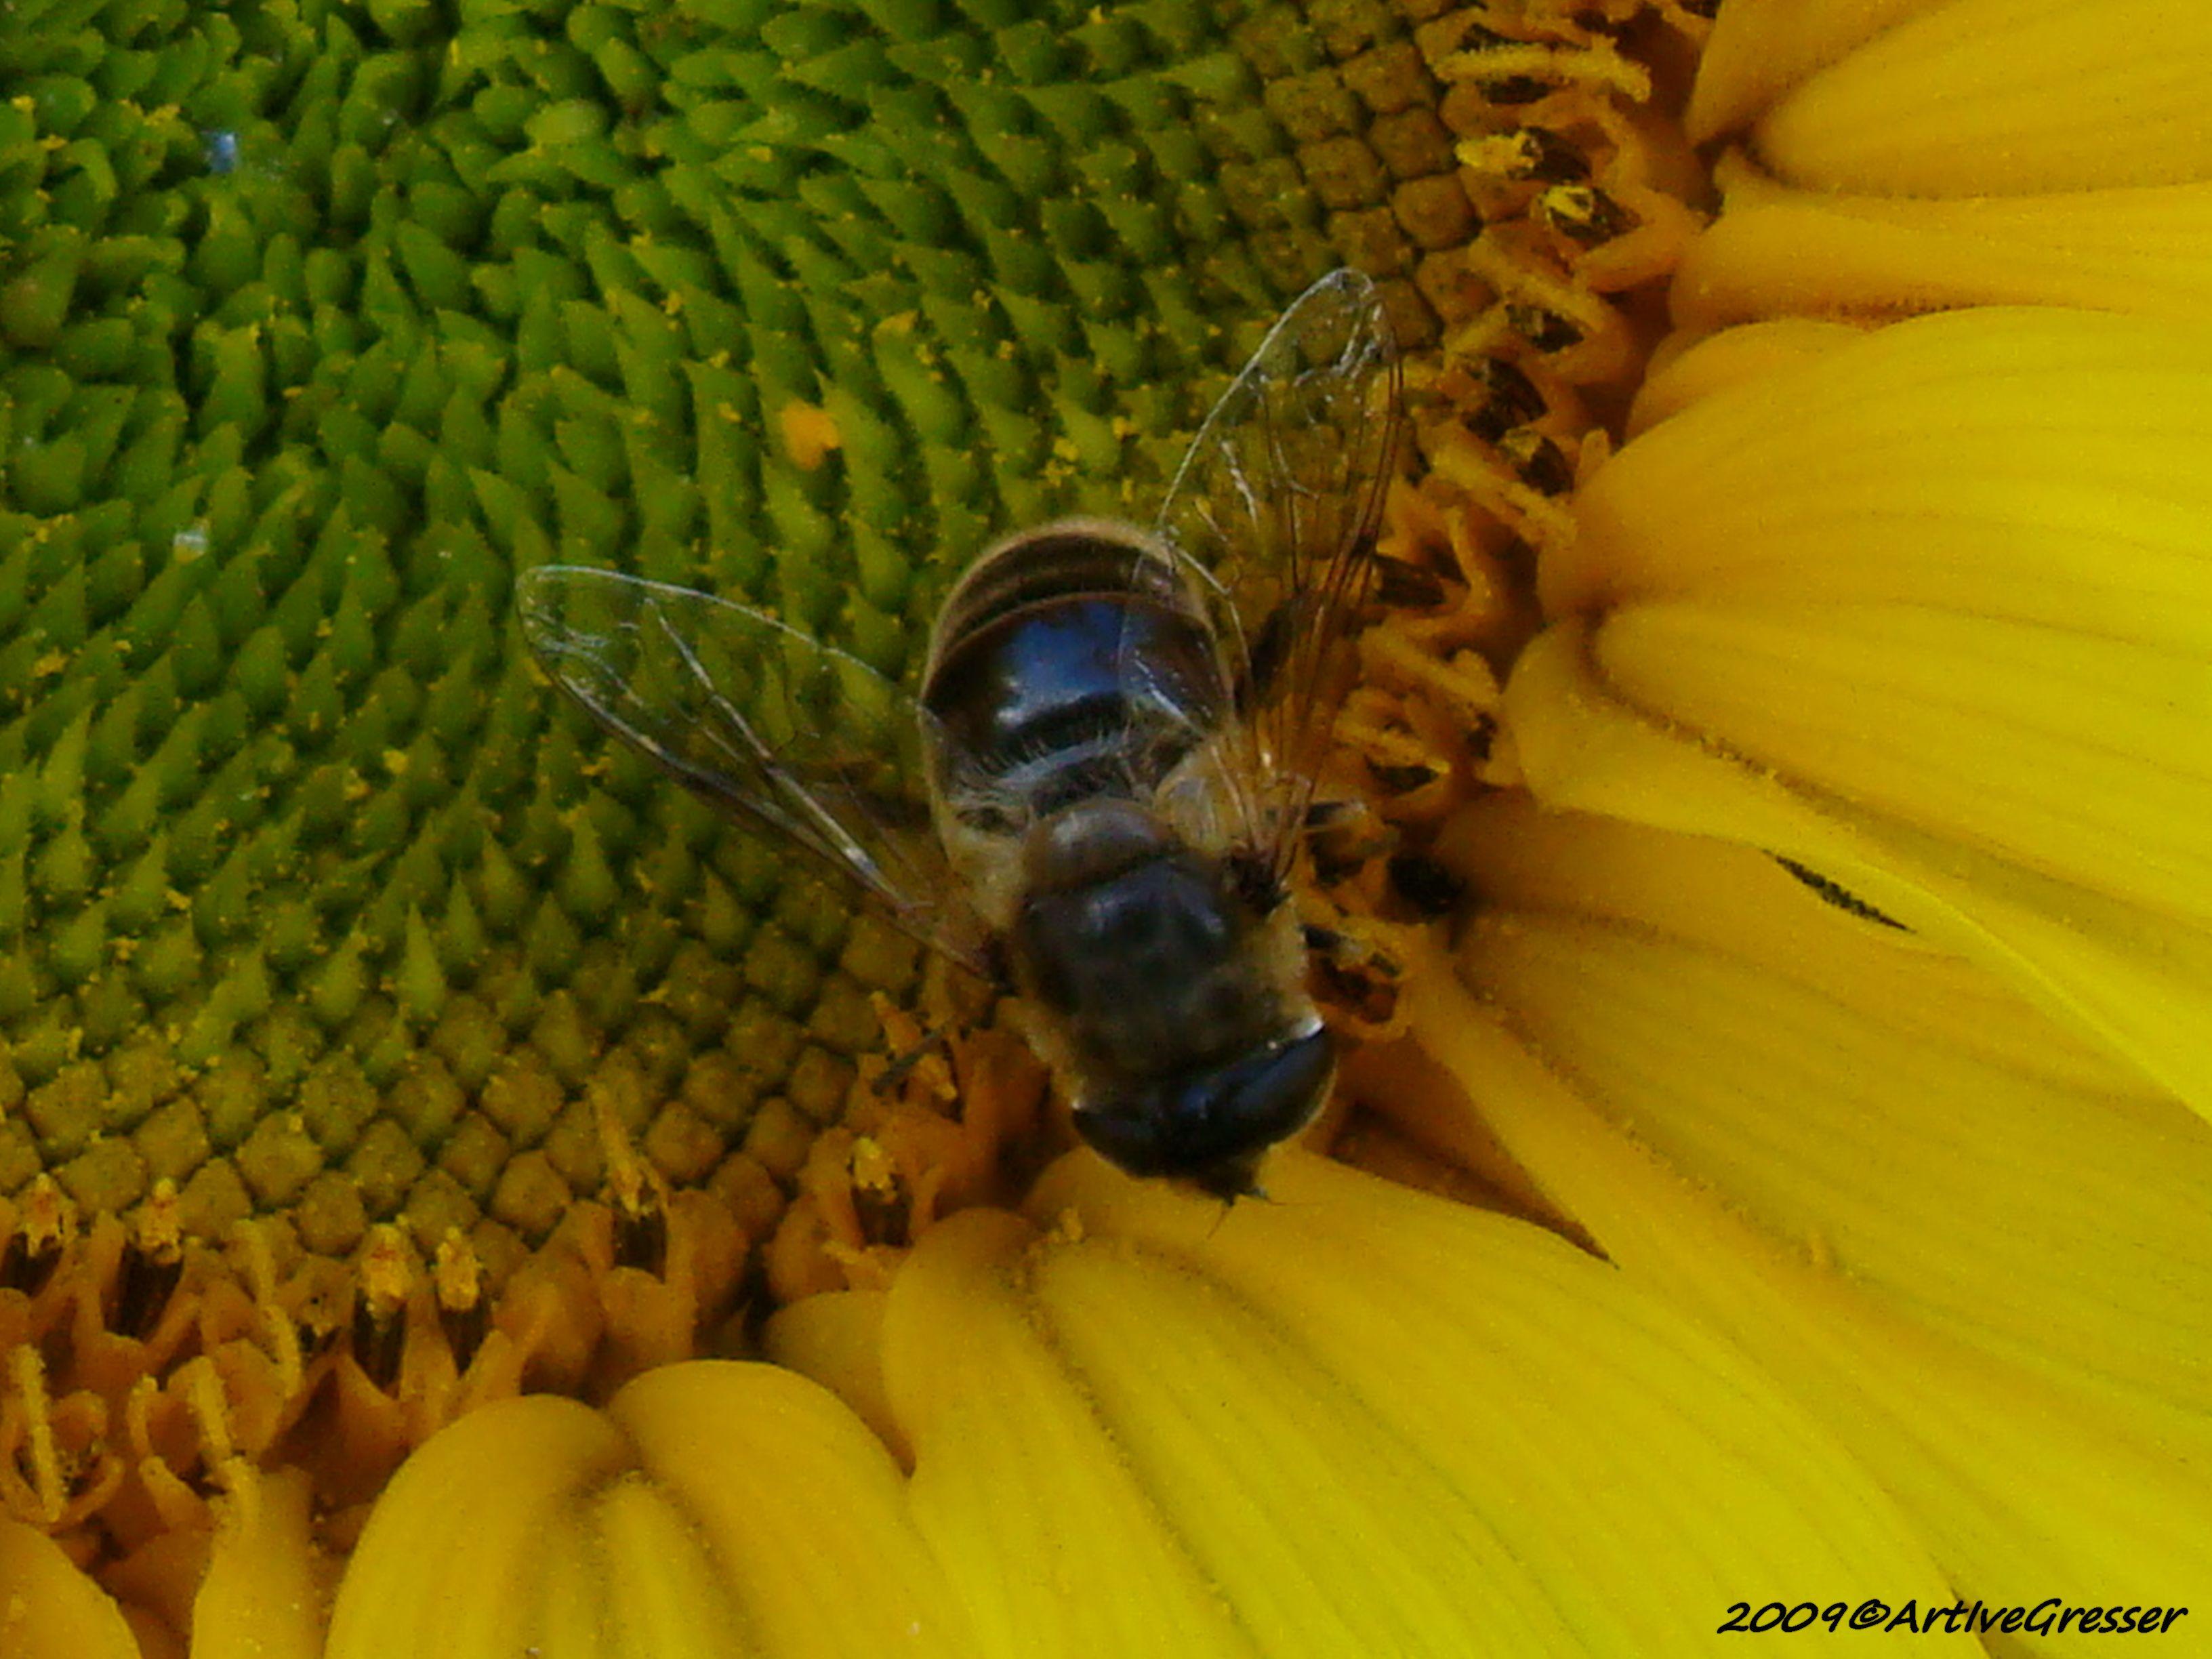 04Sonnenblume mit Biene